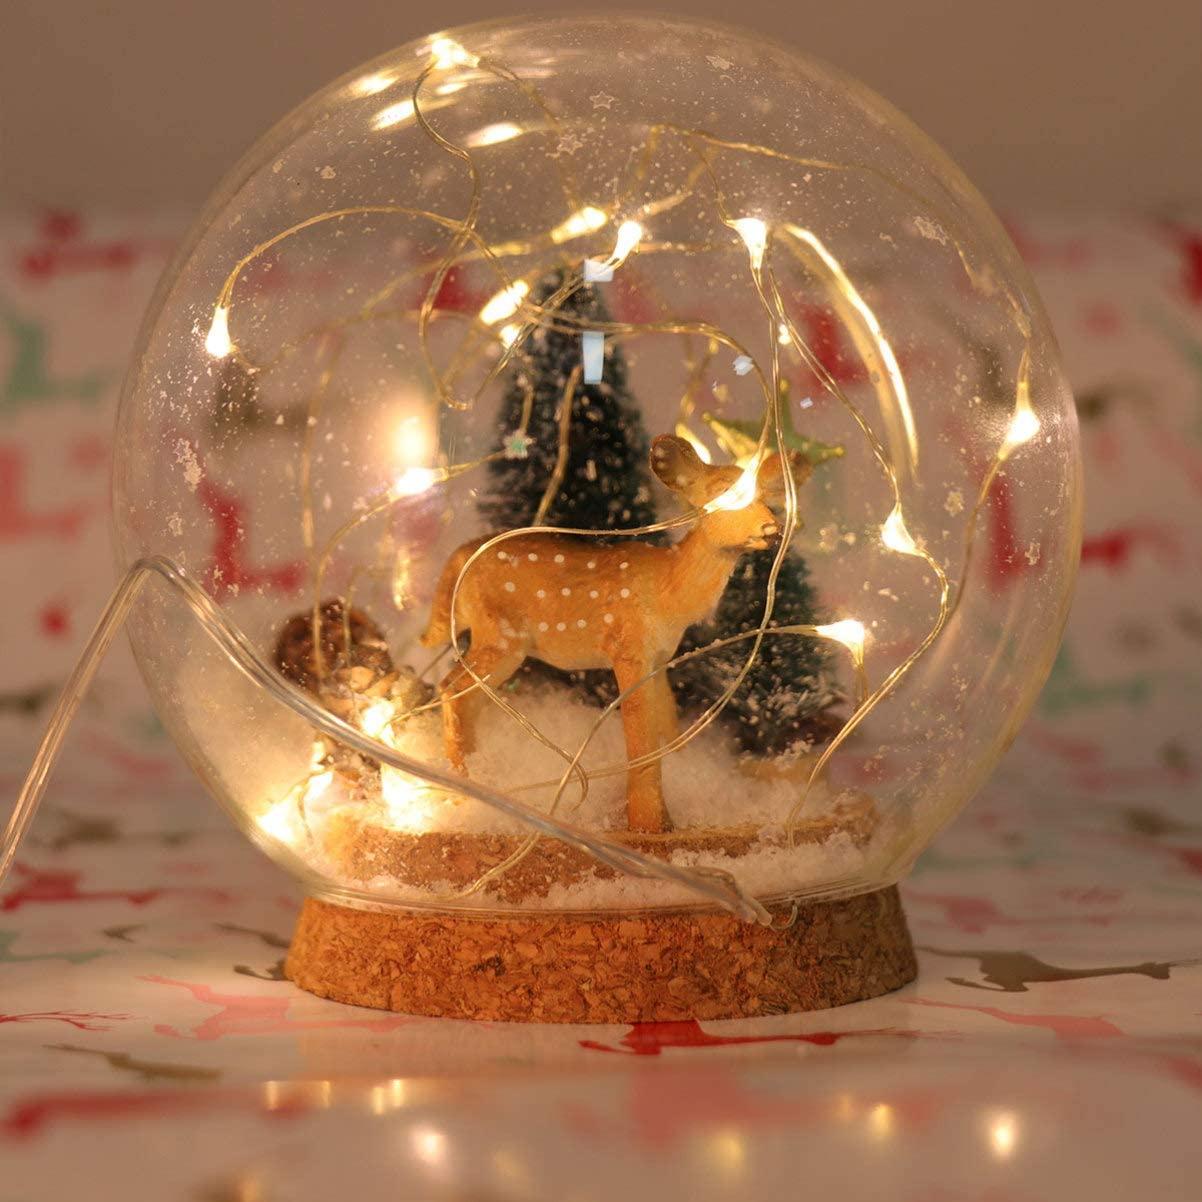 Uonlytech LED Forest Deer Snow Globe Crystal Glass Ball Lights Christmas Ornament Globe Gifts for Kids Room Bedroom Living Room